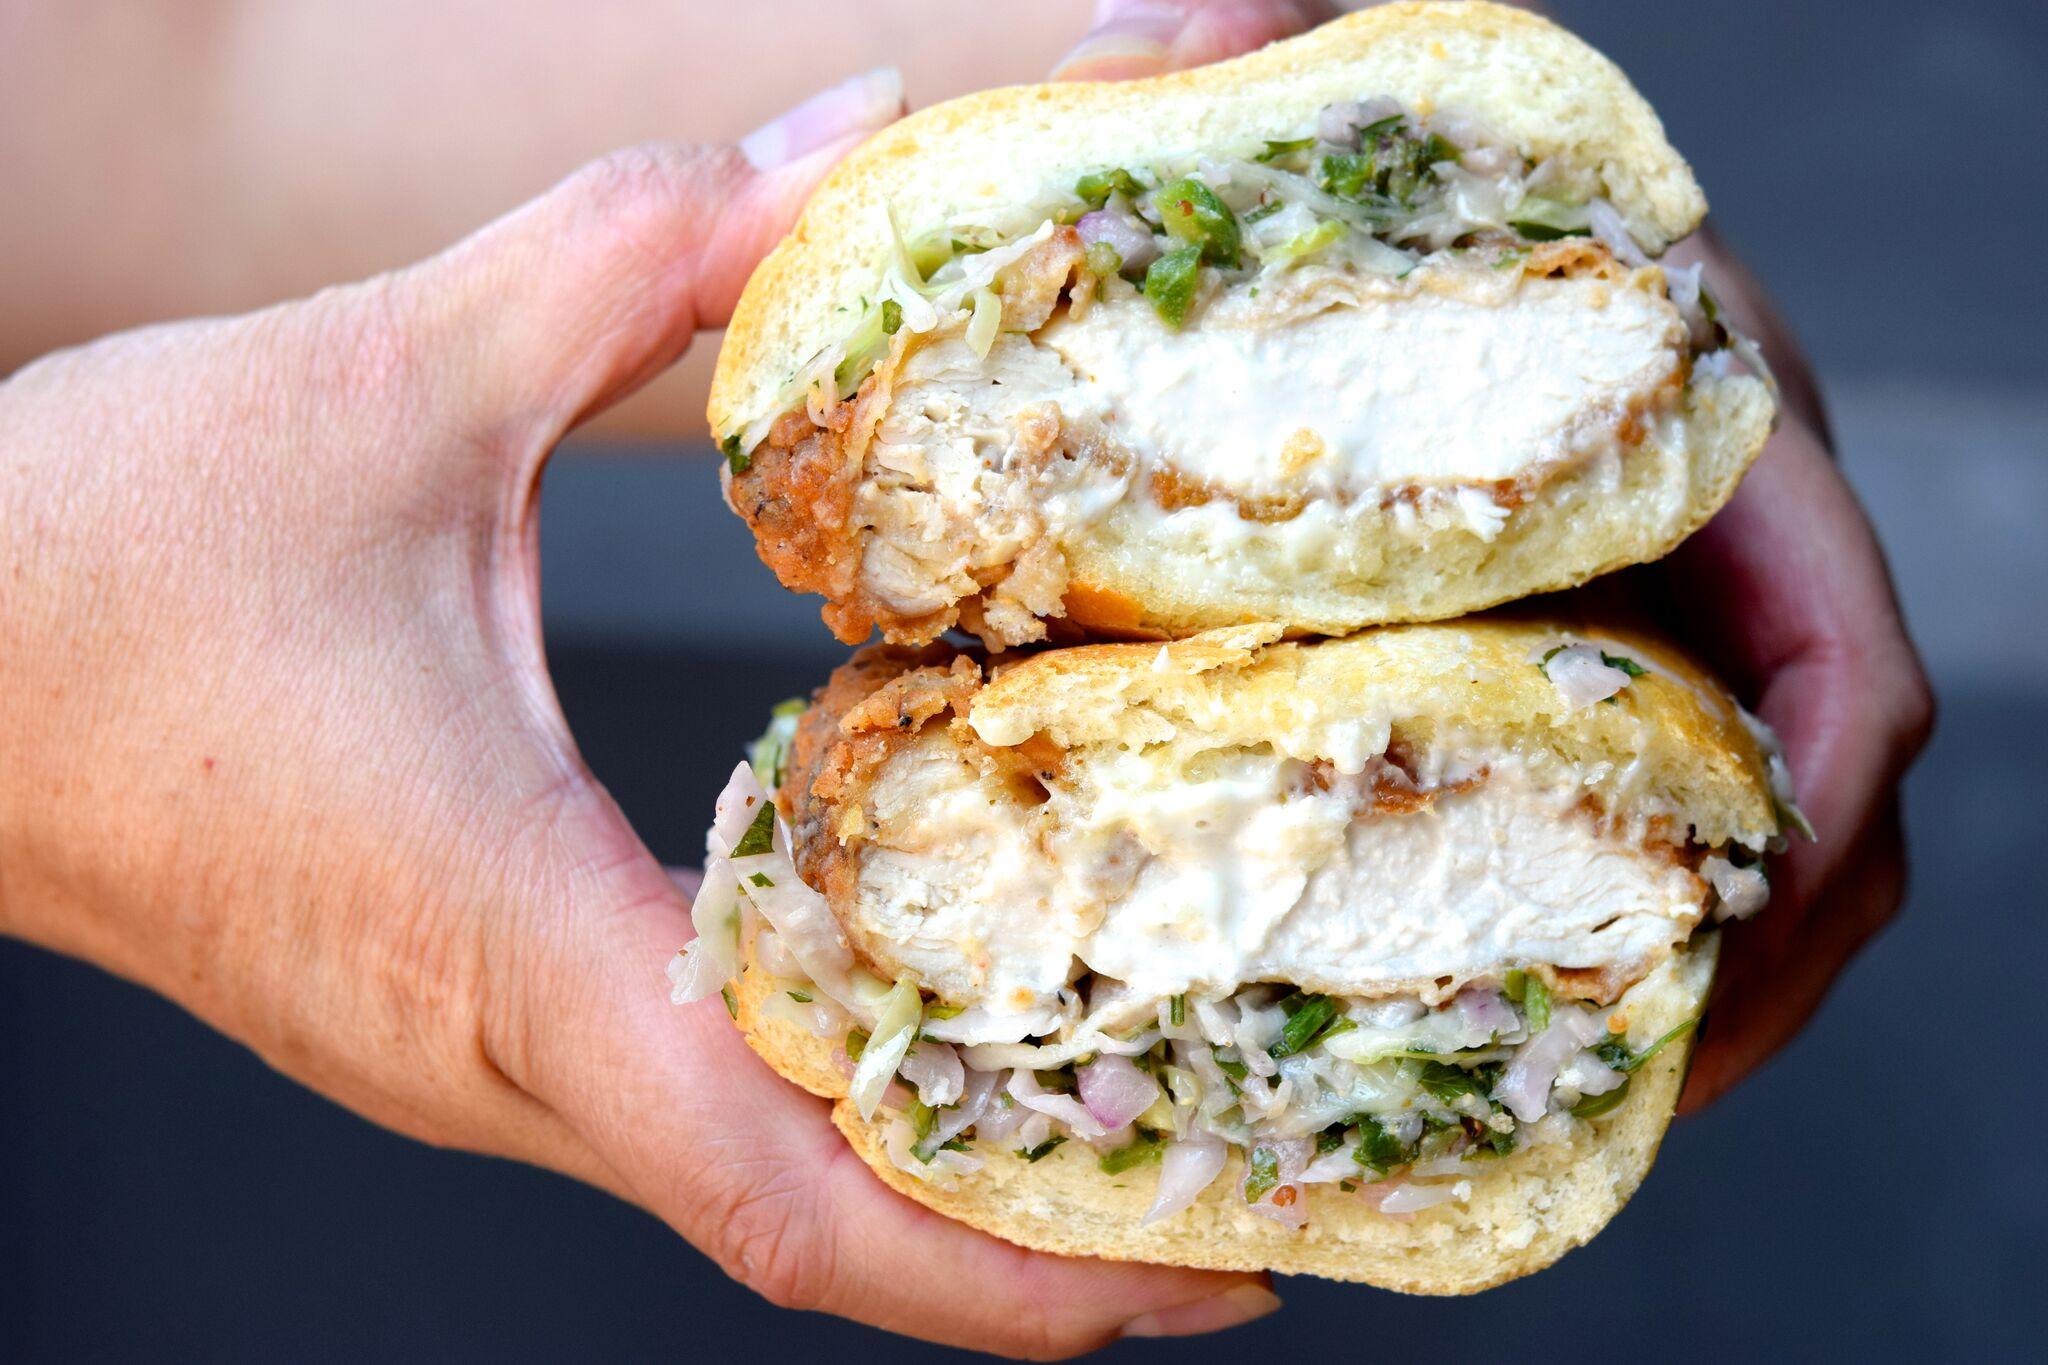 Kroft Fried Chicken sandwich | photo courtesy of 100eats